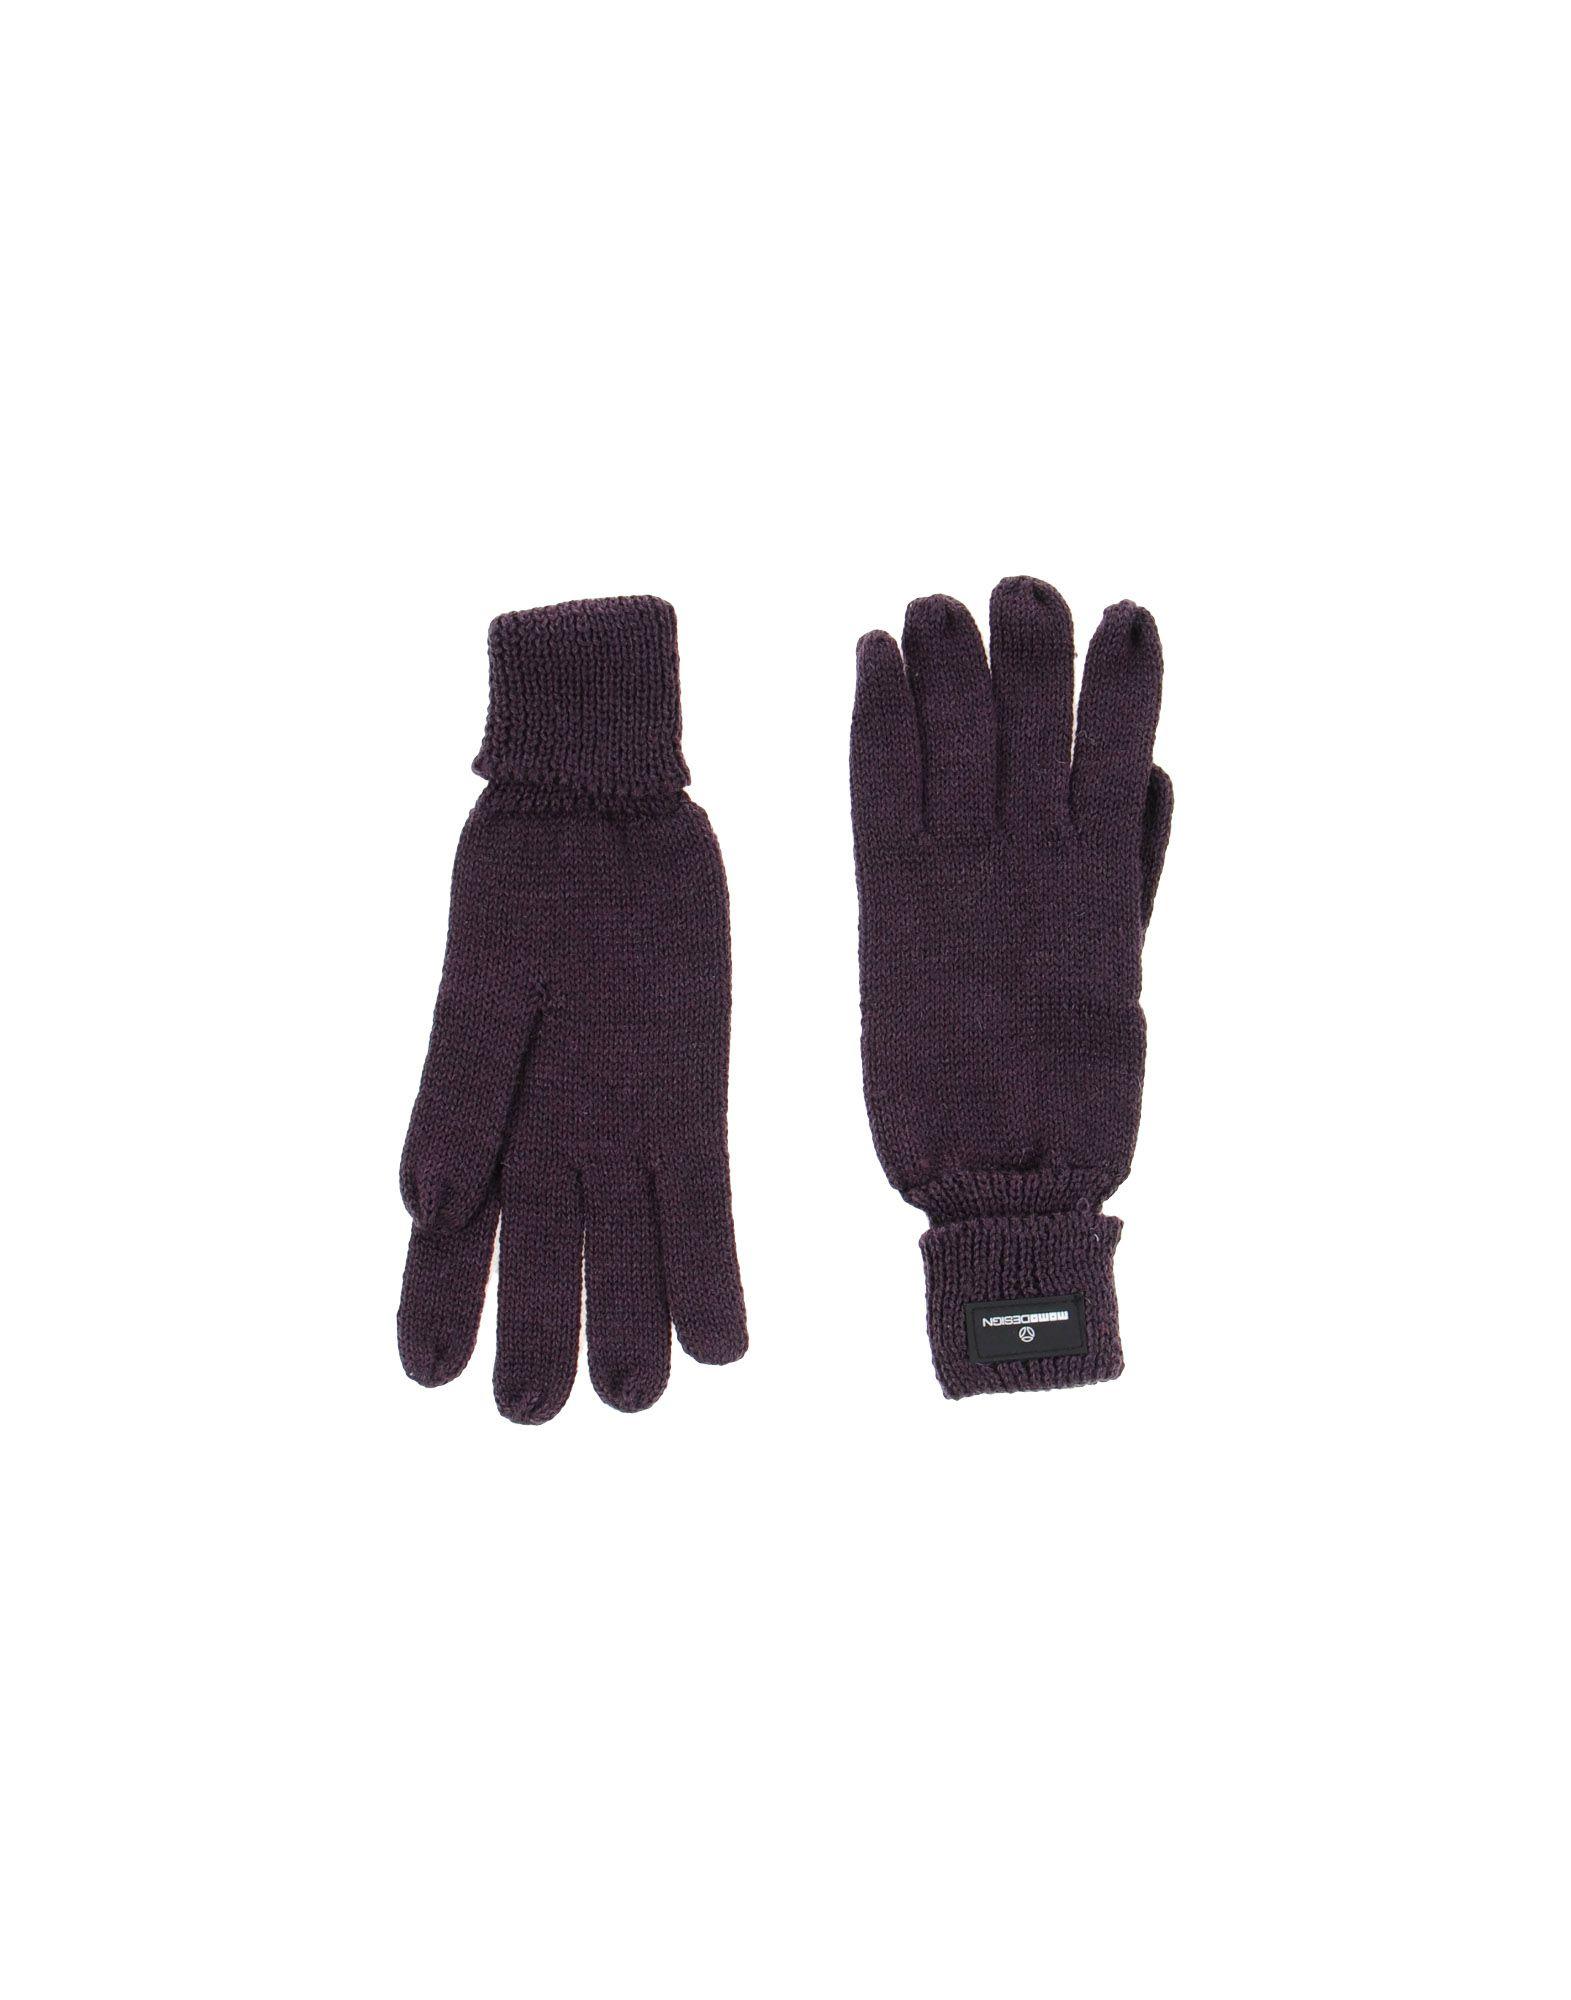 MOMO DESIGN Damen Handschuhe Farbe Pflaume Größe 1